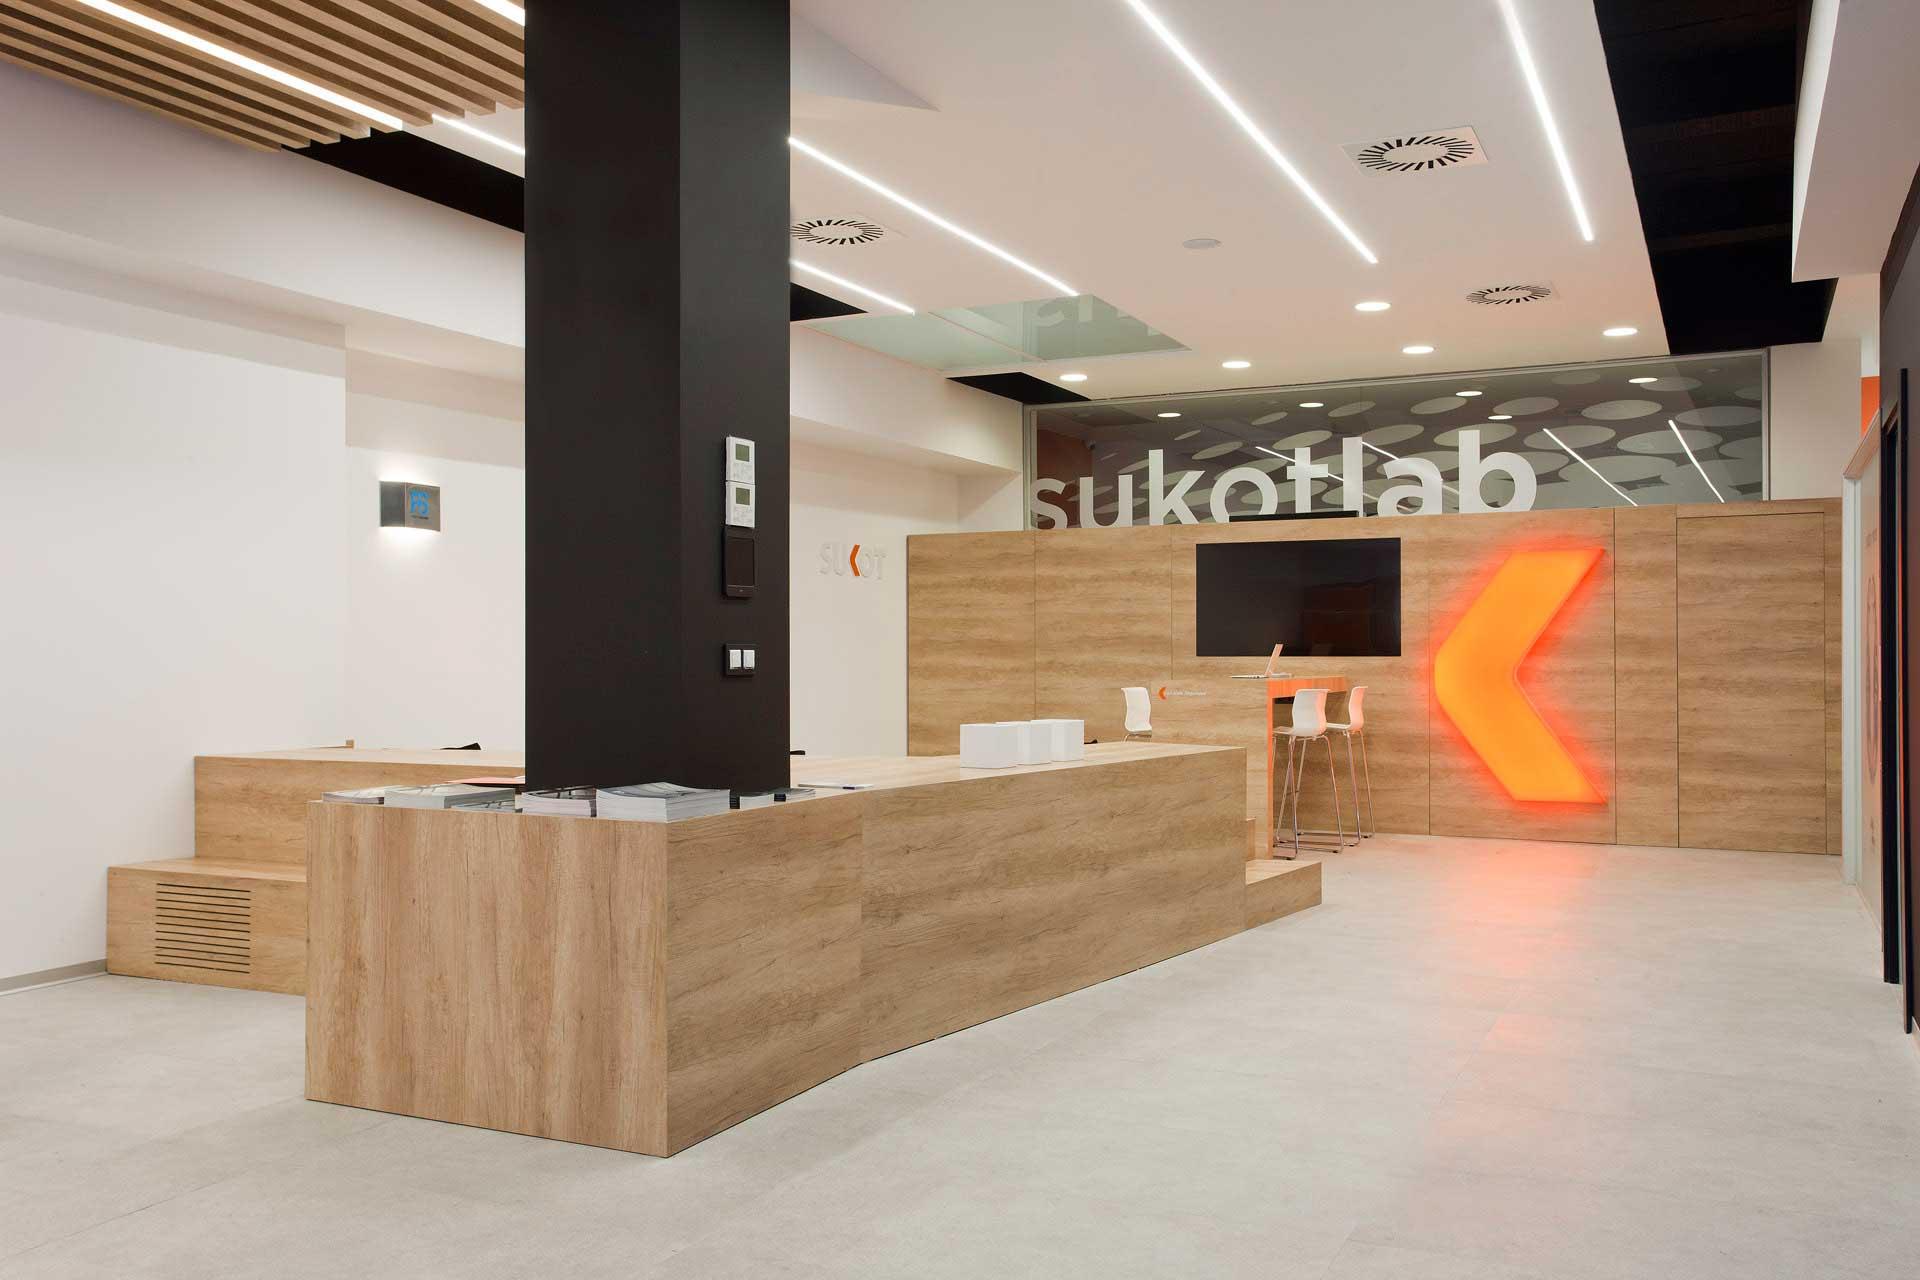 Reforma local comercial Sukot